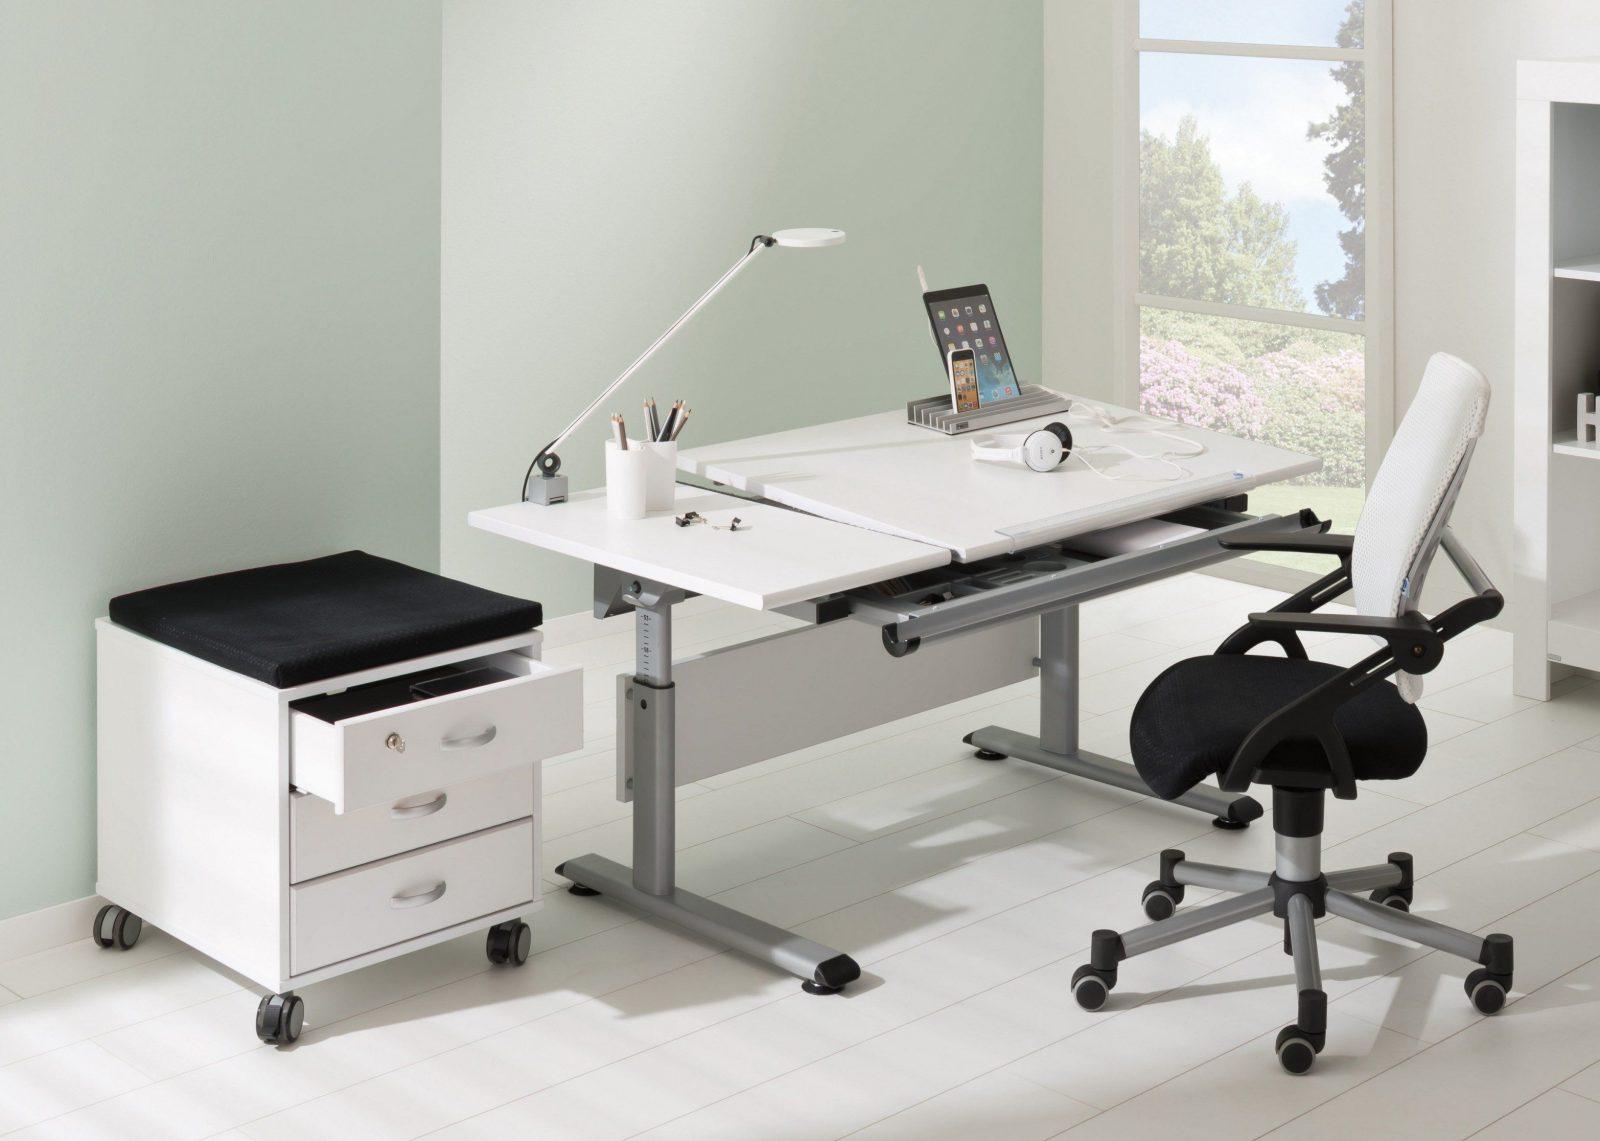 Paidi Marco 2 130 Gt Schreibtisch Weiß  Platte Geteilt  Möbel Letz von Paidi Schreibtisch Marco 2 Gt Bild